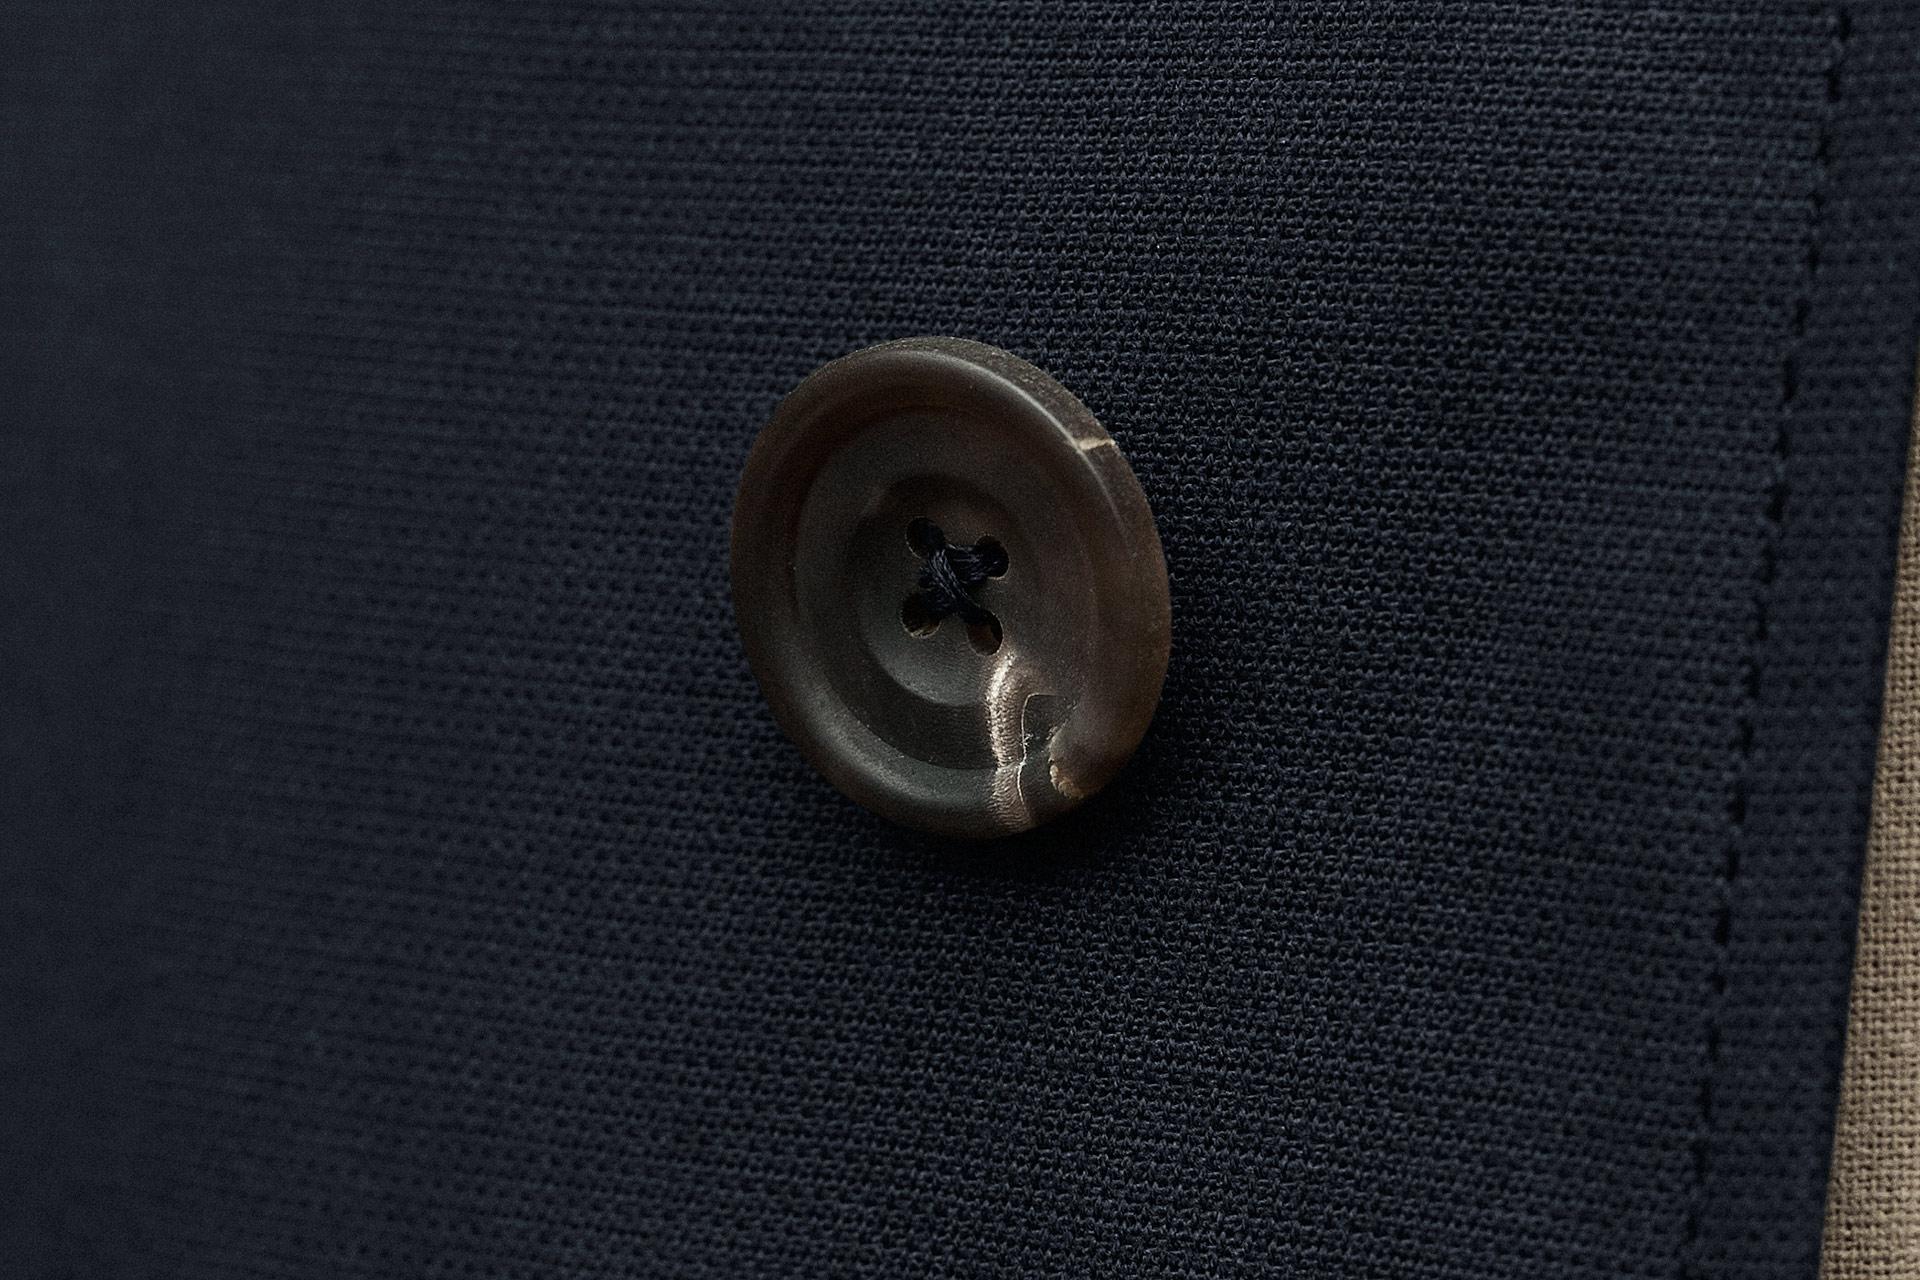 field-jacket-airweave-cotton-navy-9@2x.jpg